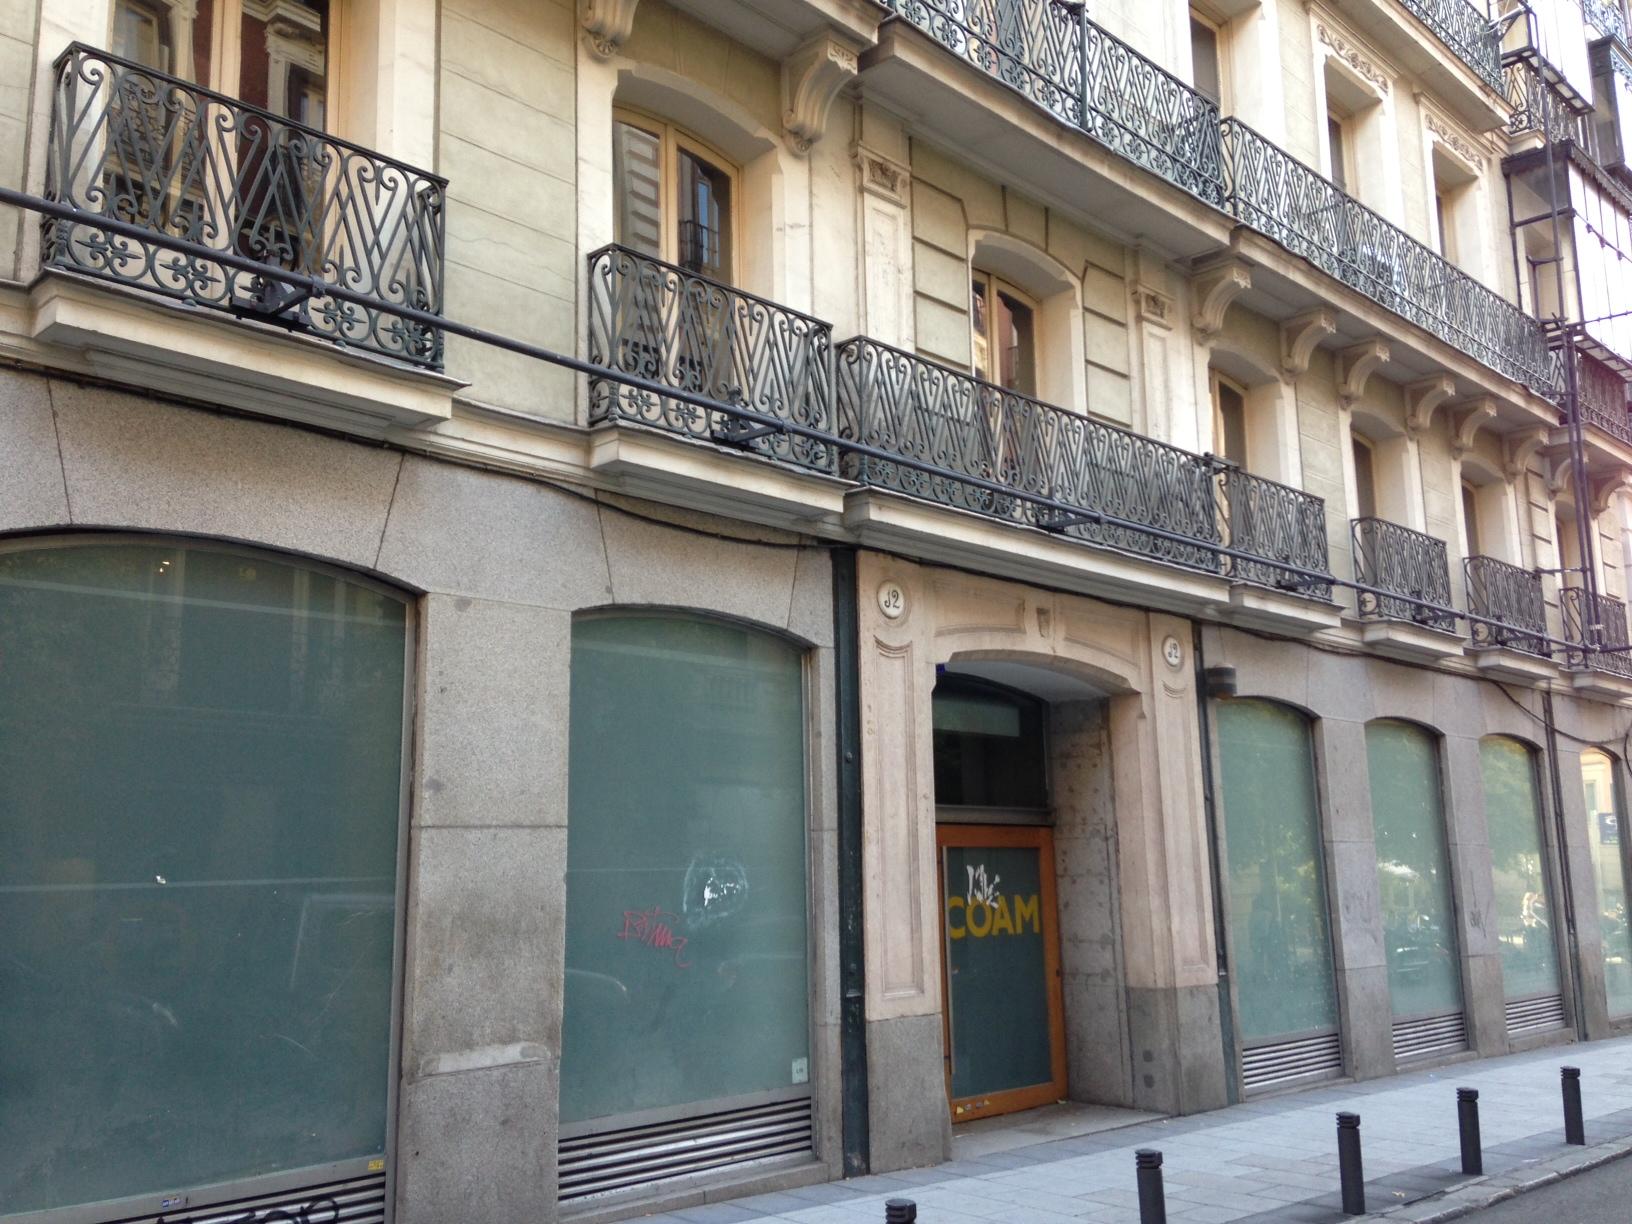 antigua sede del coam en la calle barquillo de madrid